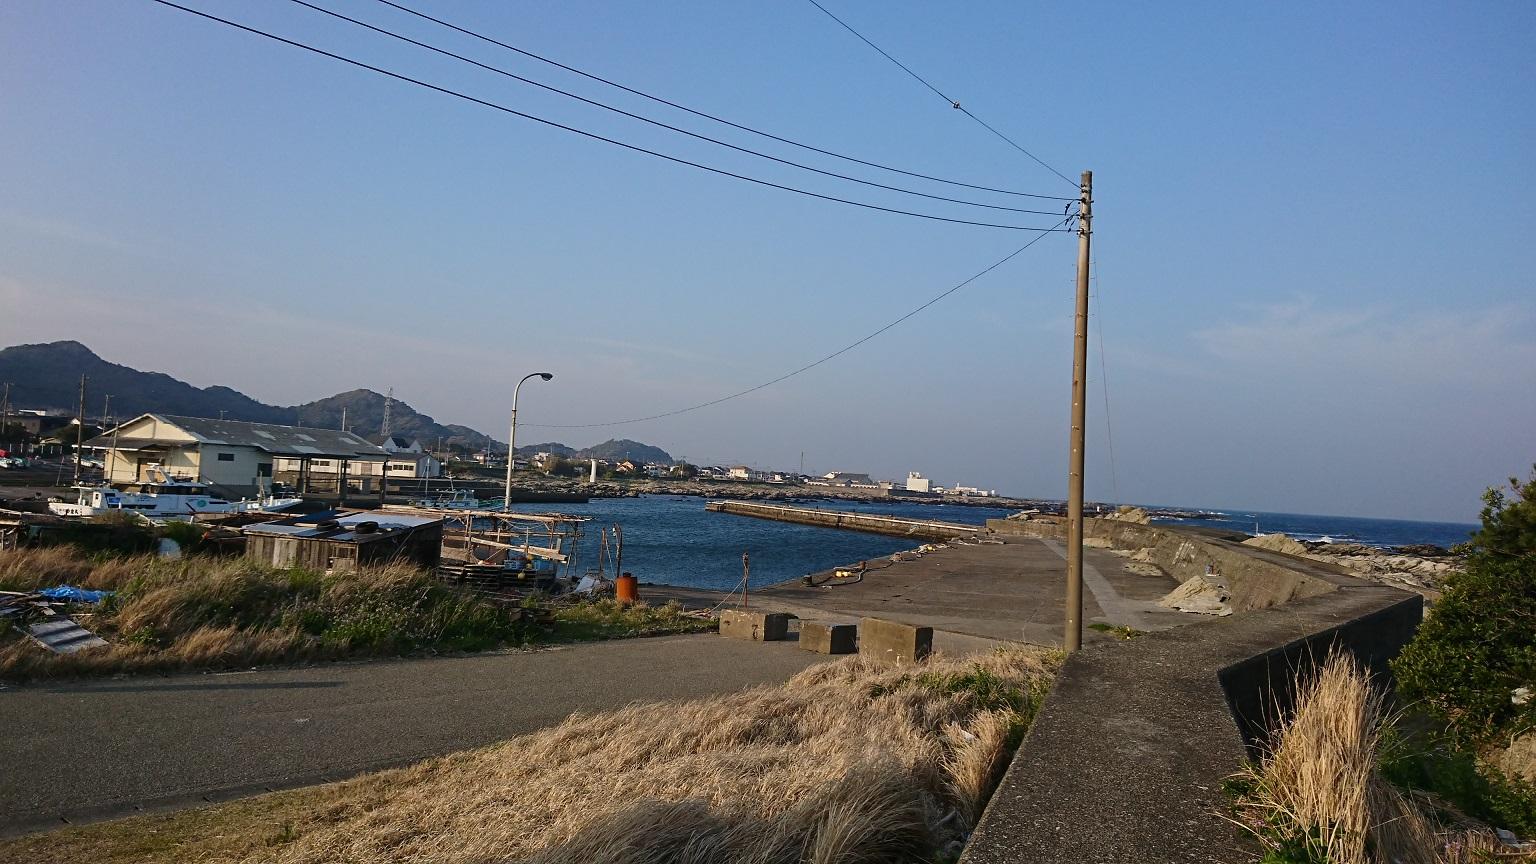 千田港 釣り場のグルメ